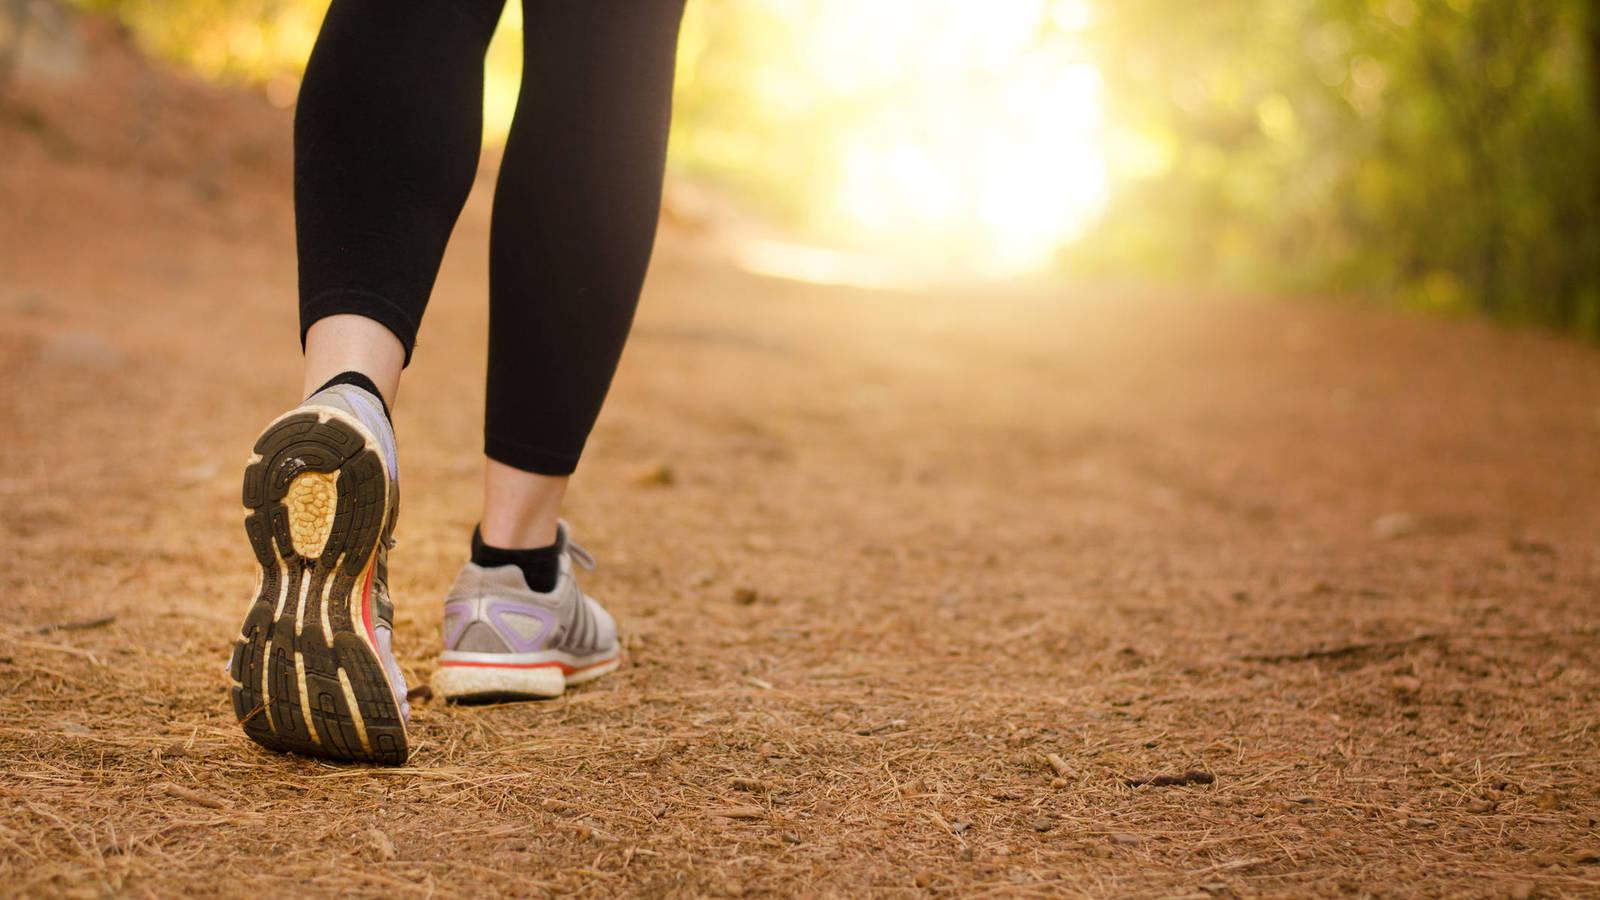 Actividad física: cómo debe ser una correcta caminata rápida